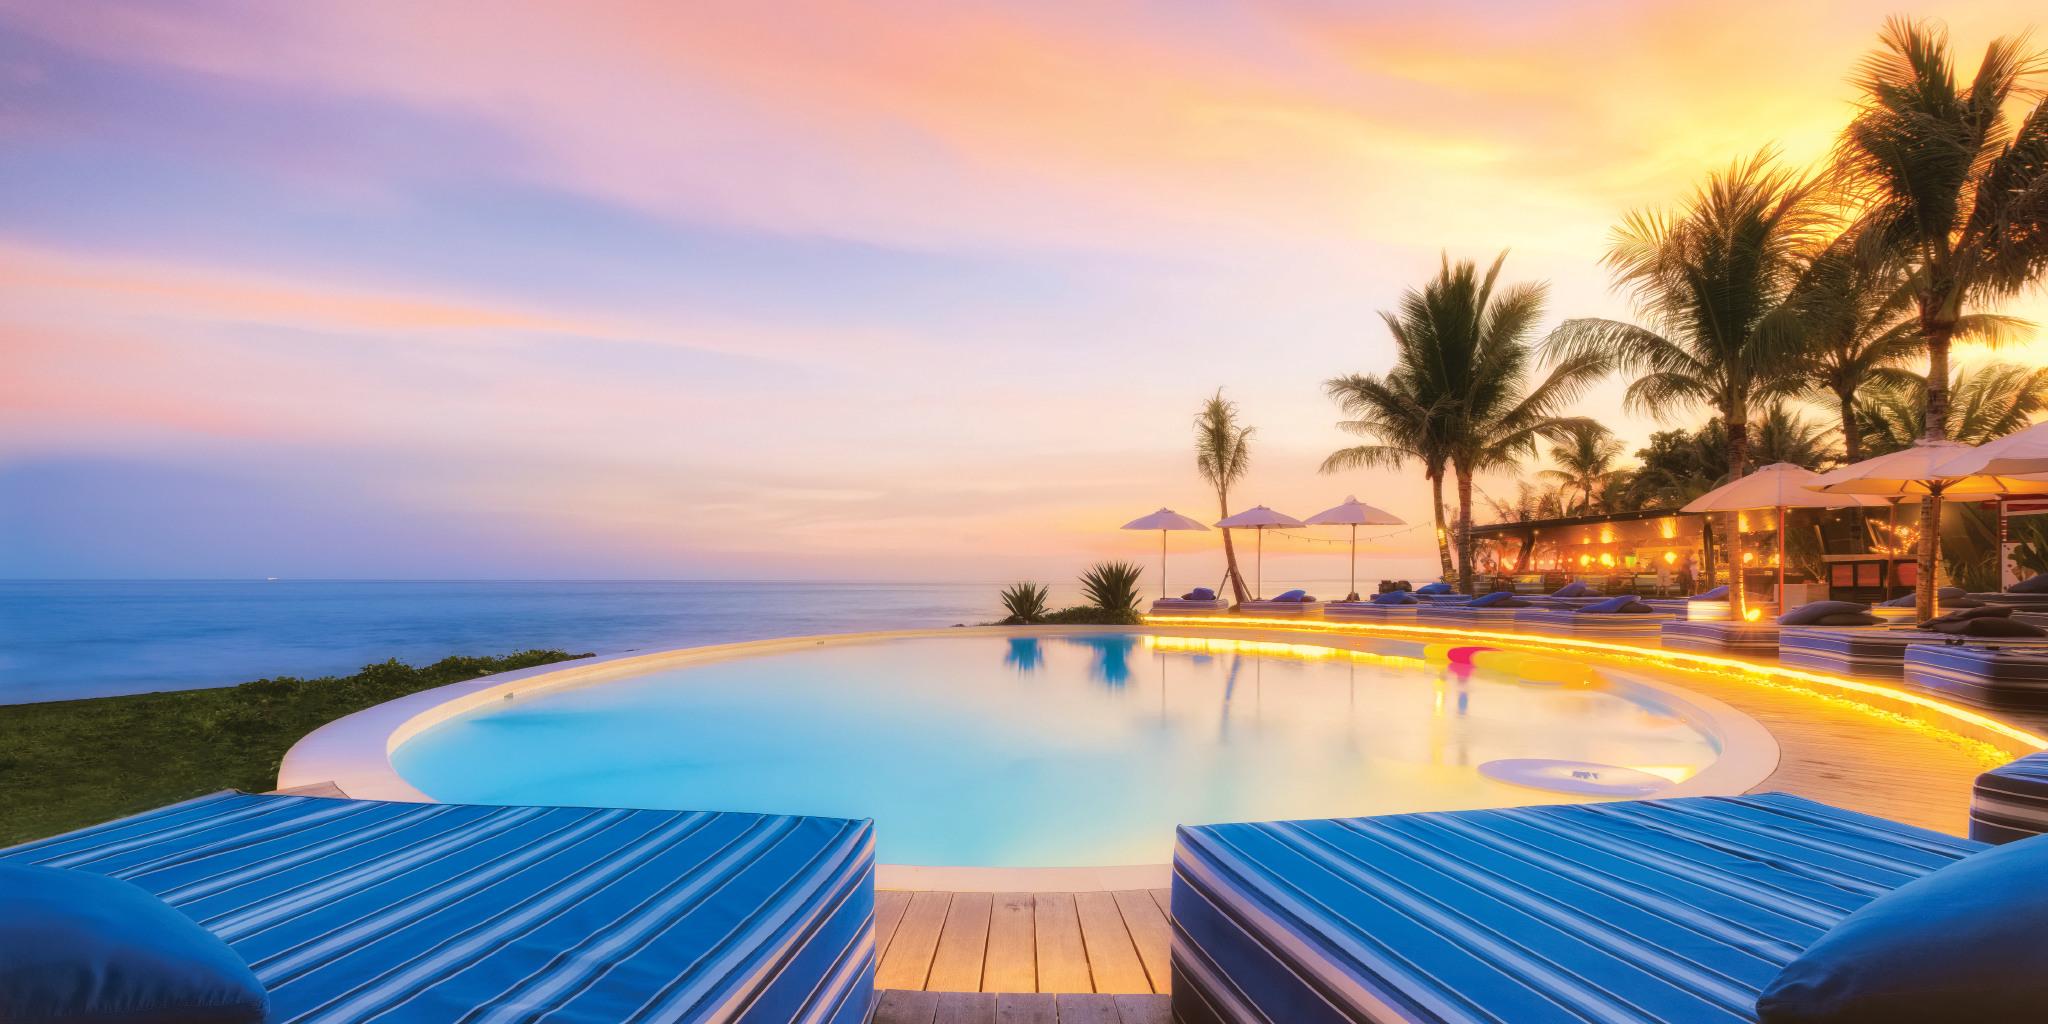 Bali, IndonesiaSeptember 19-26 -